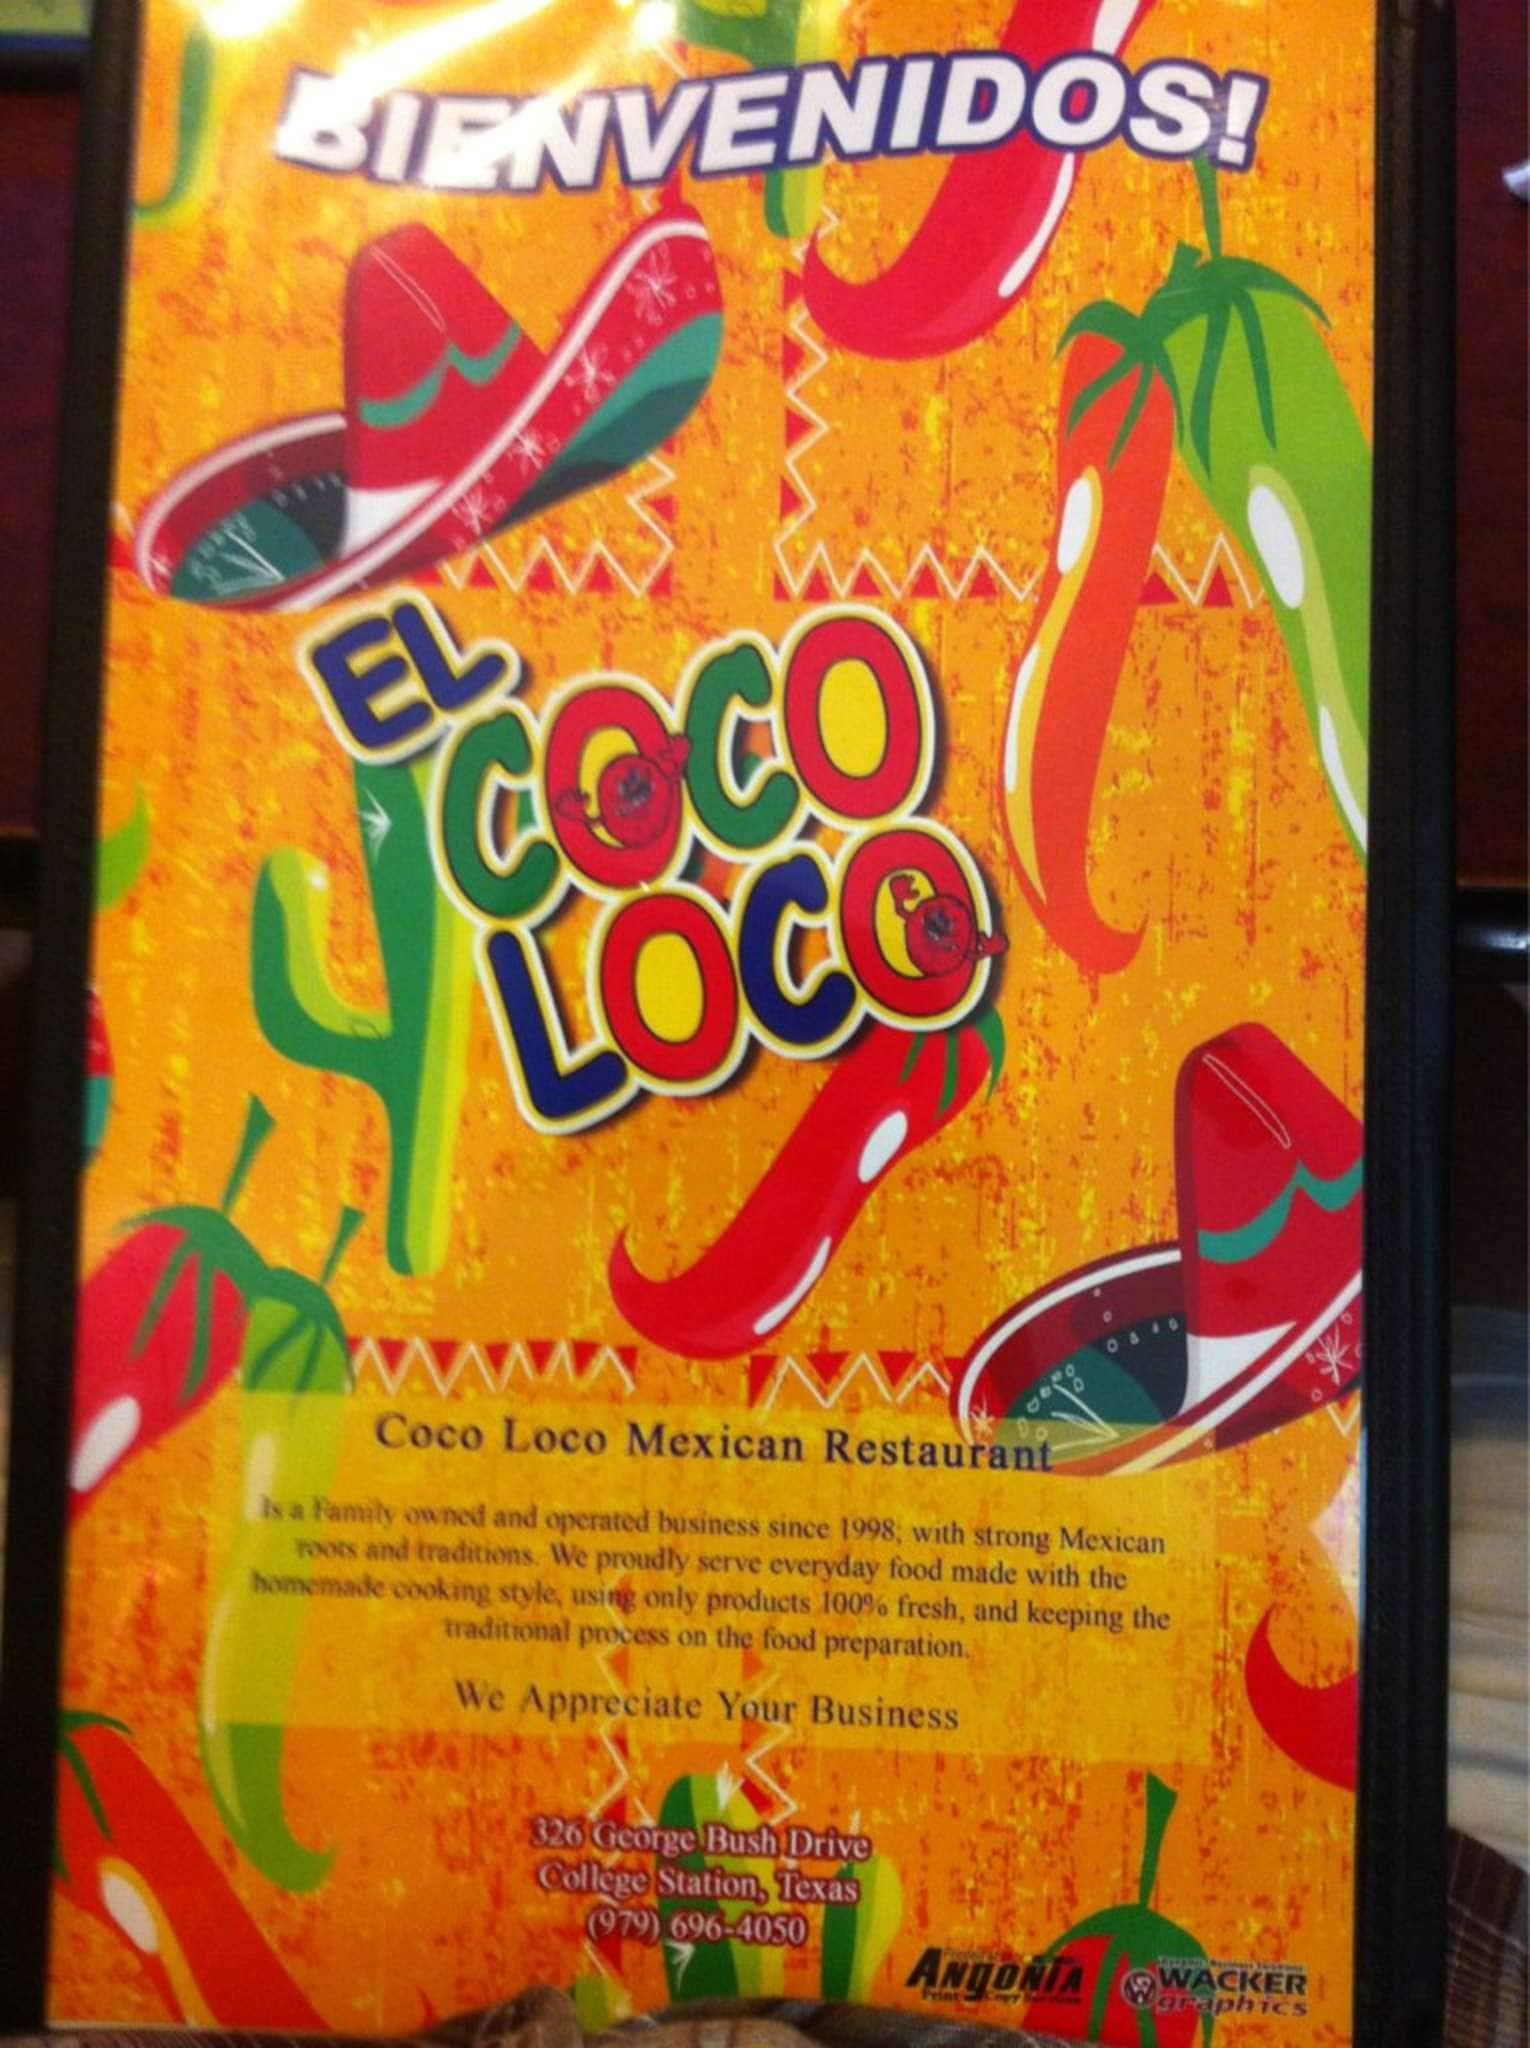 Coco loco near me